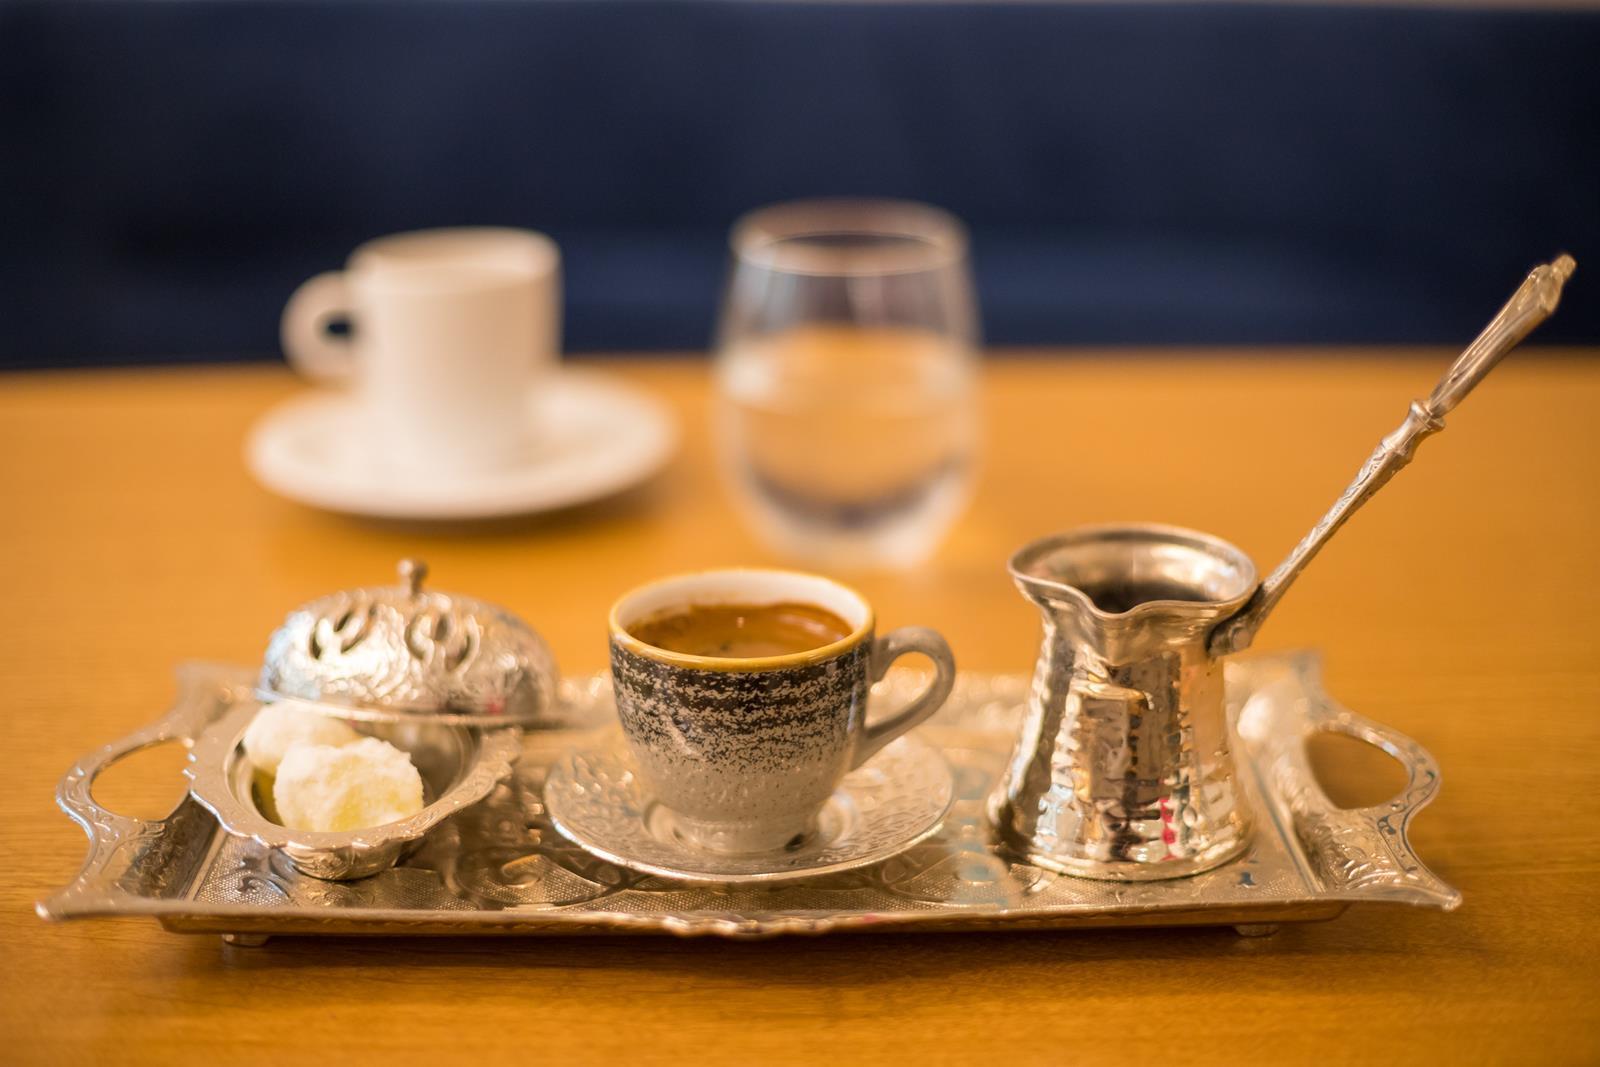 nafplio hotel with breakfast - Carpe Diem Boutique Hotel